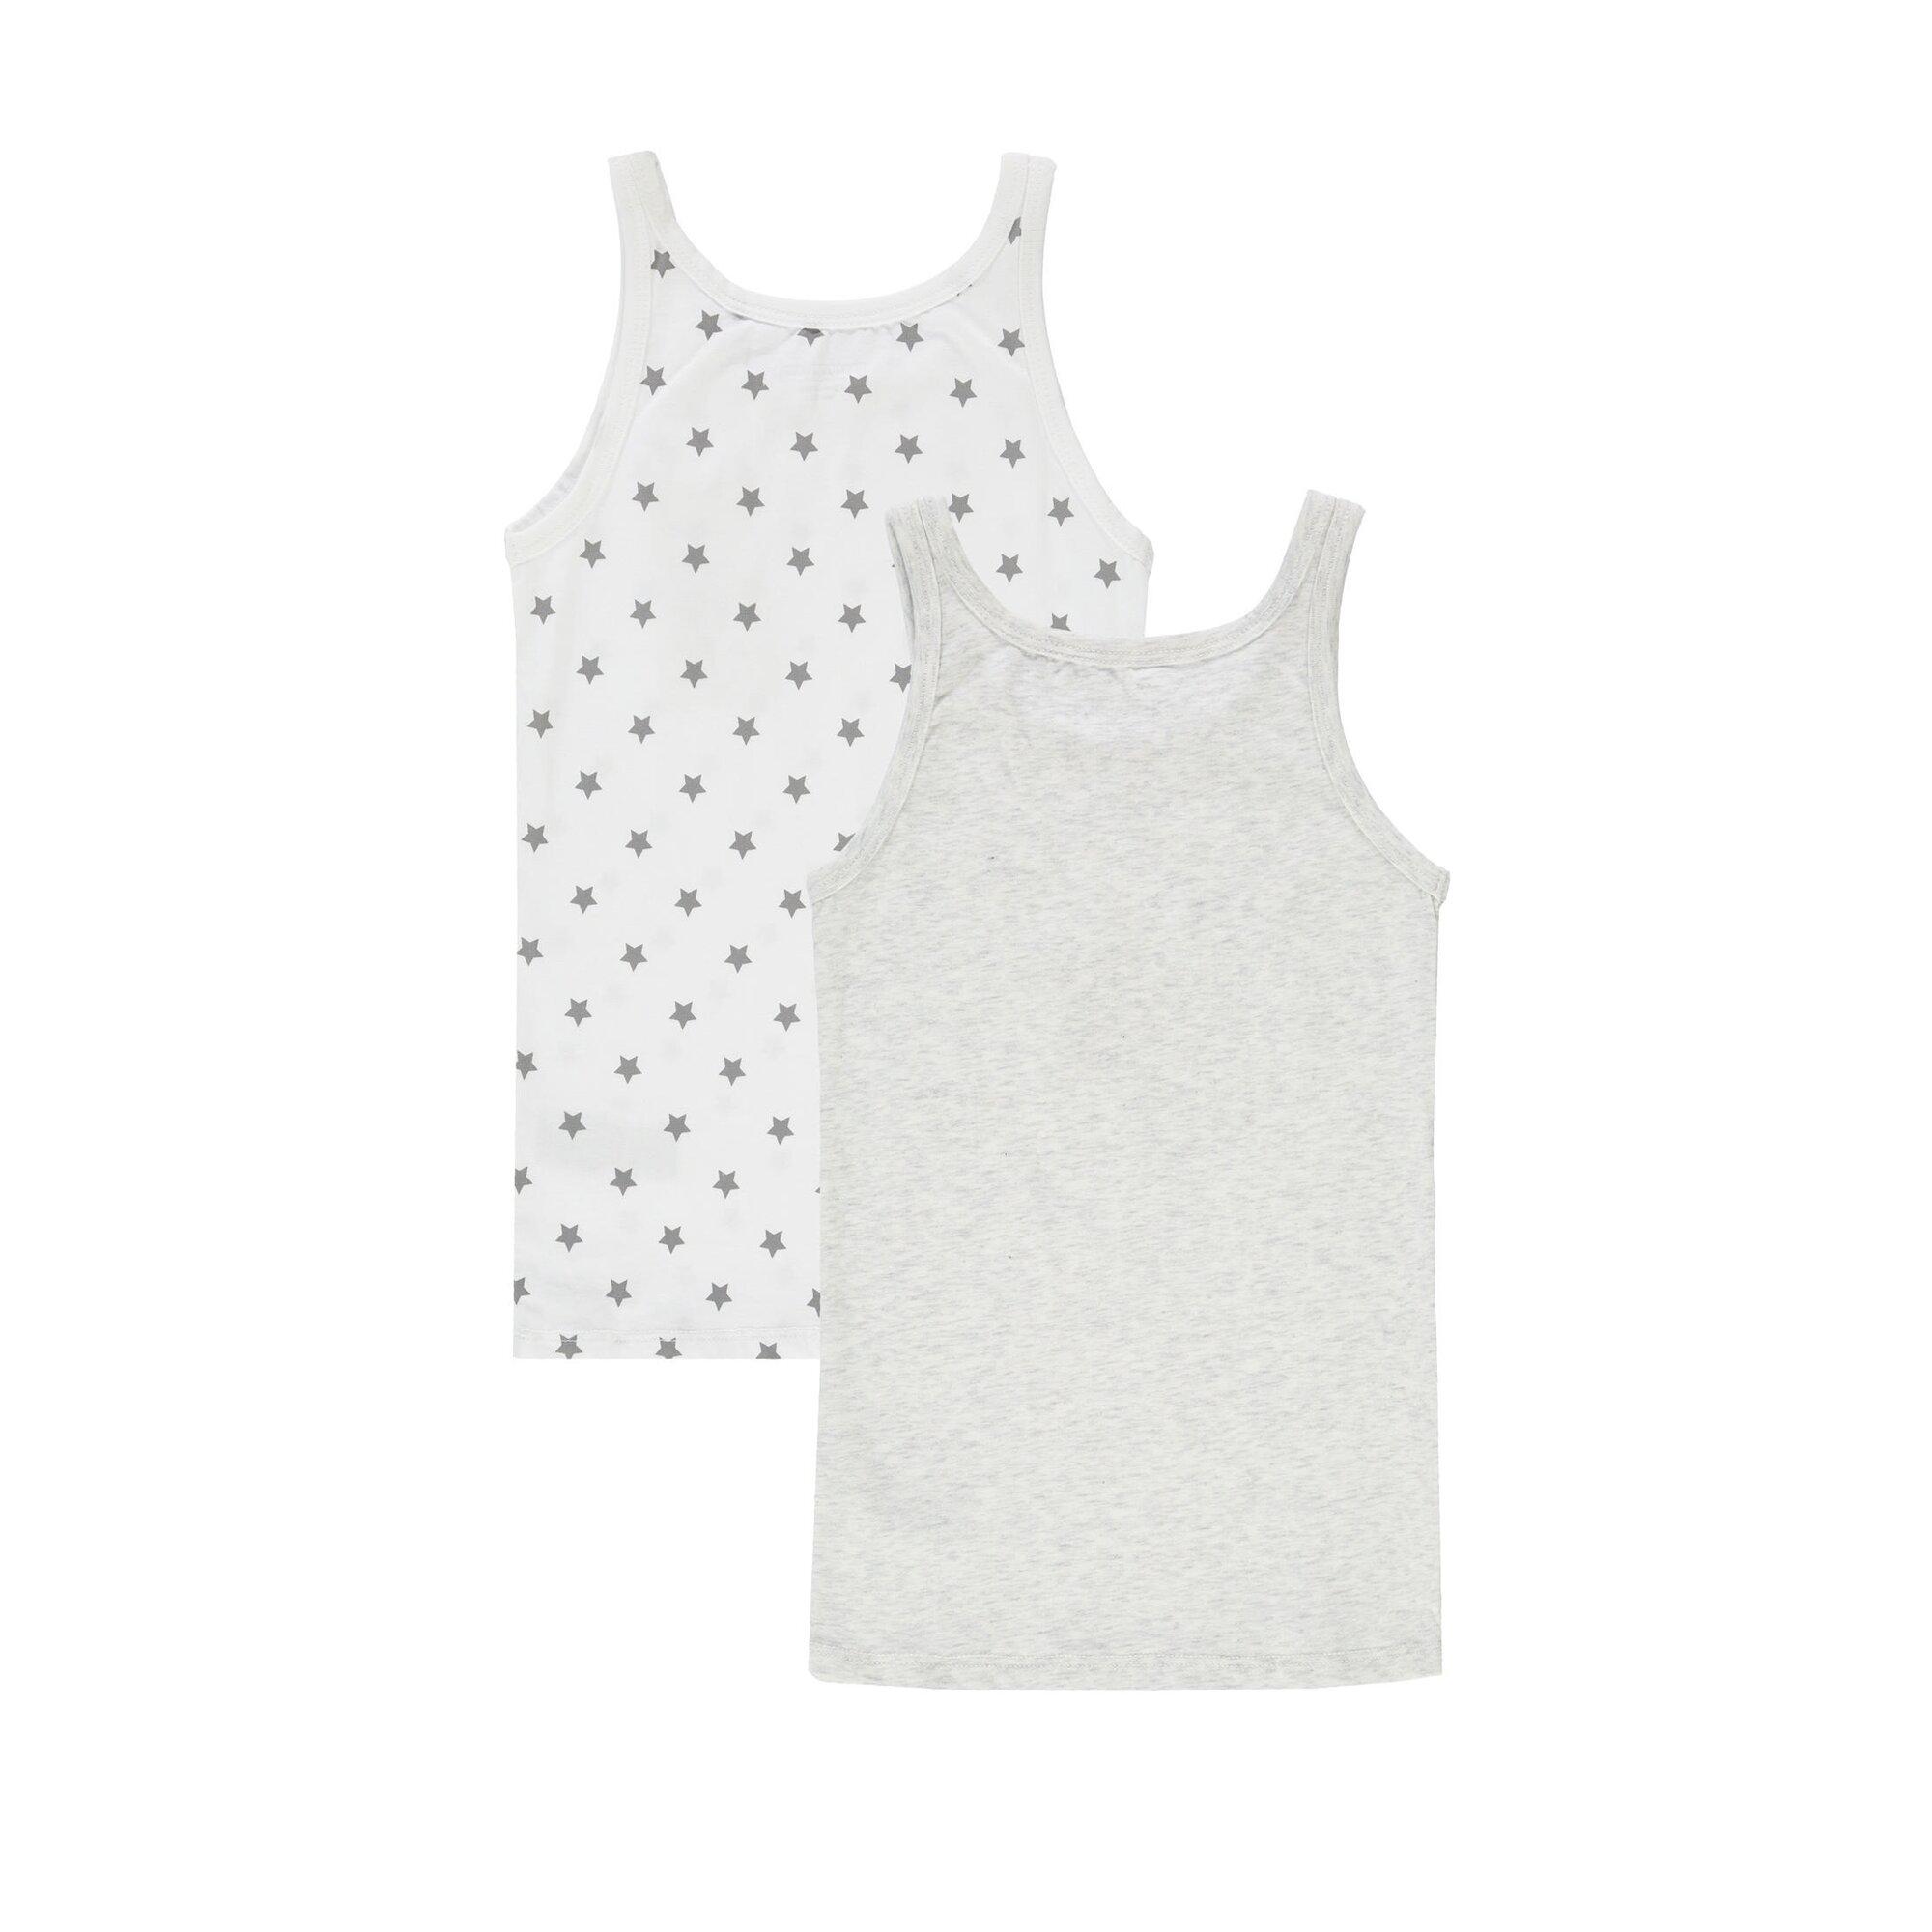 bellybutton-2er-pack-unterhemden-mit-sternen, 19.95 EUR @ babywalz-de